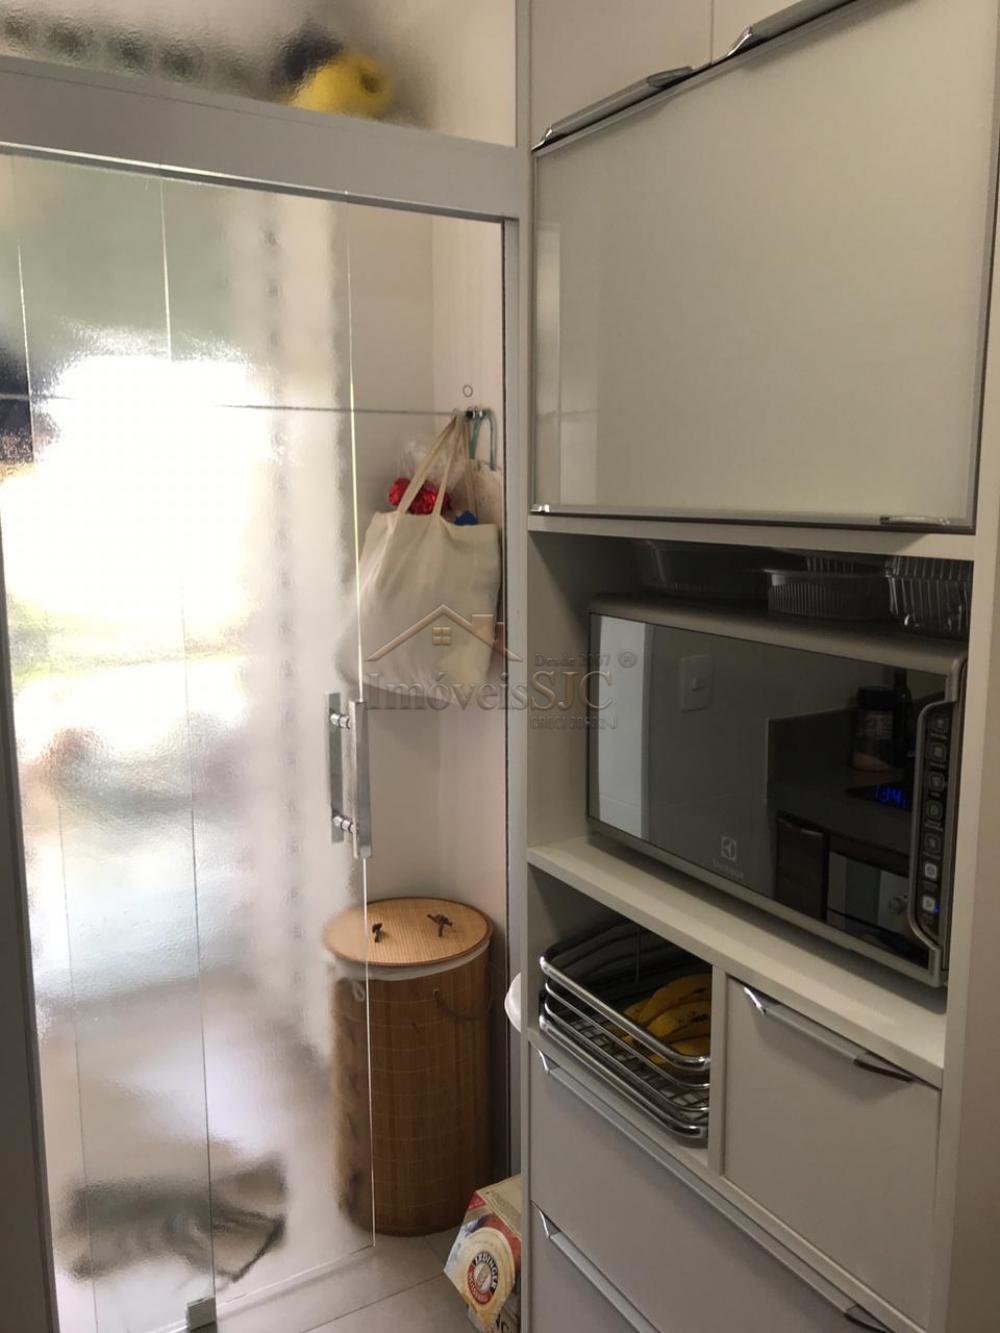 Comprar Apartamentos / Padrão em São José dos Campos apenas R$ 470.000,00 - Foto 11